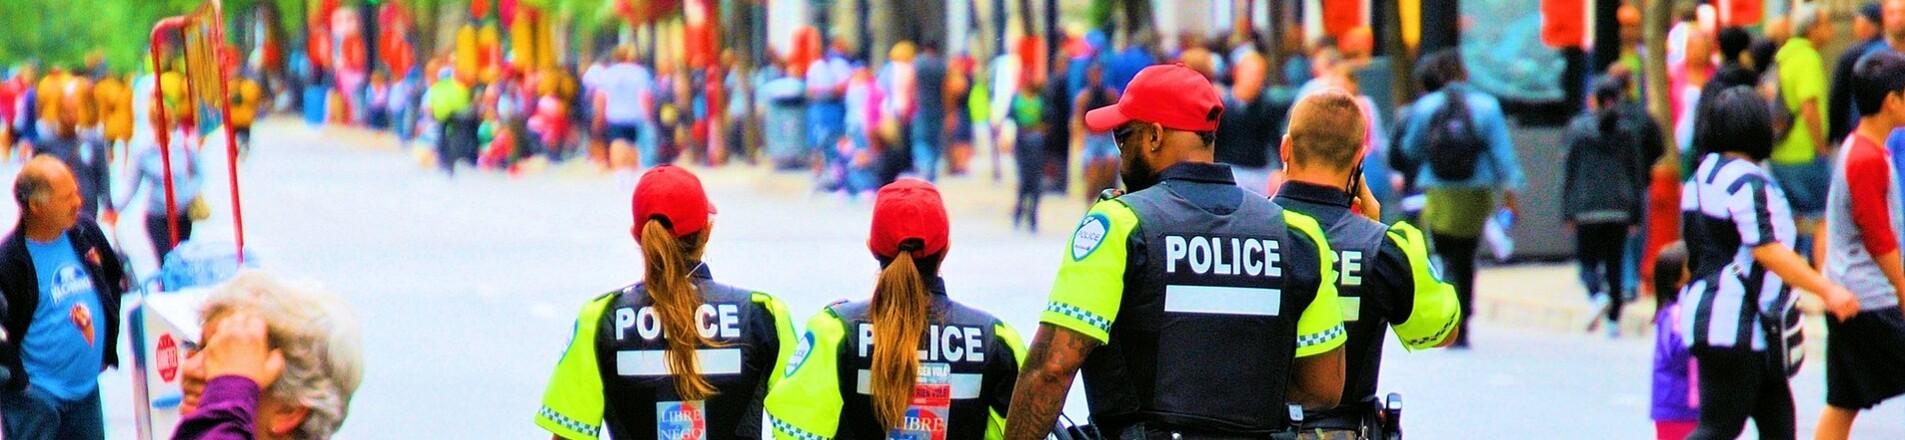 Transgender training for the Police